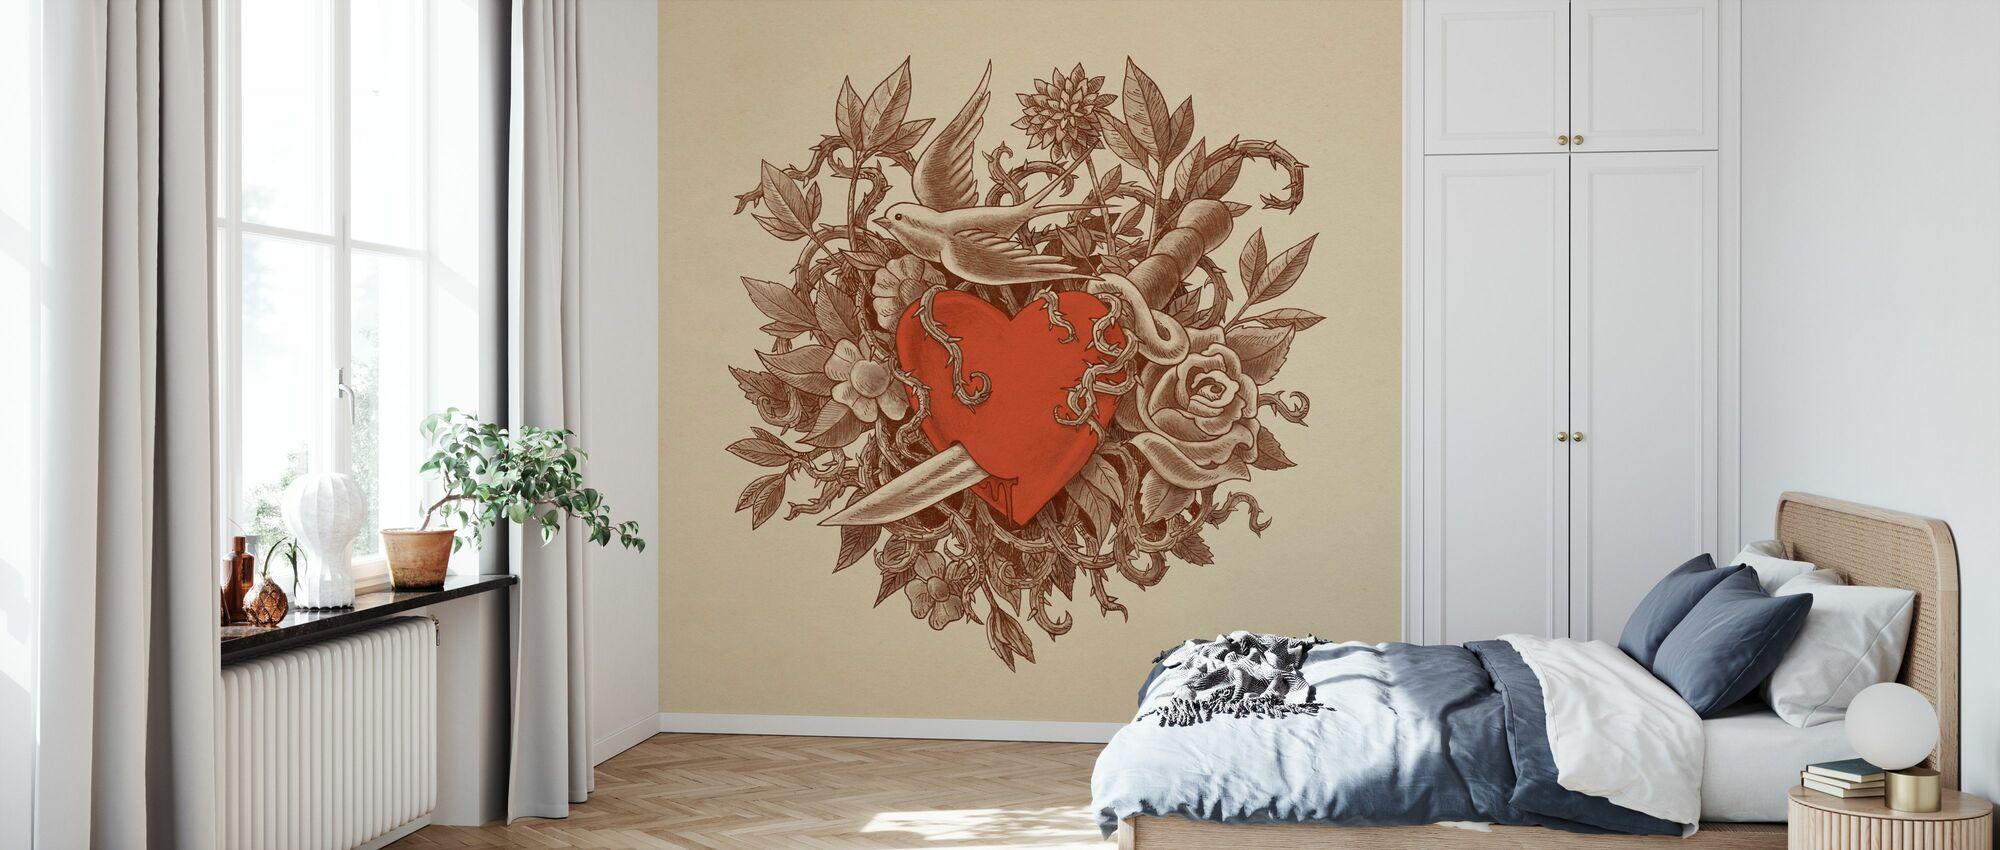 Heart of Thorns - Wallpaper - Bedroom